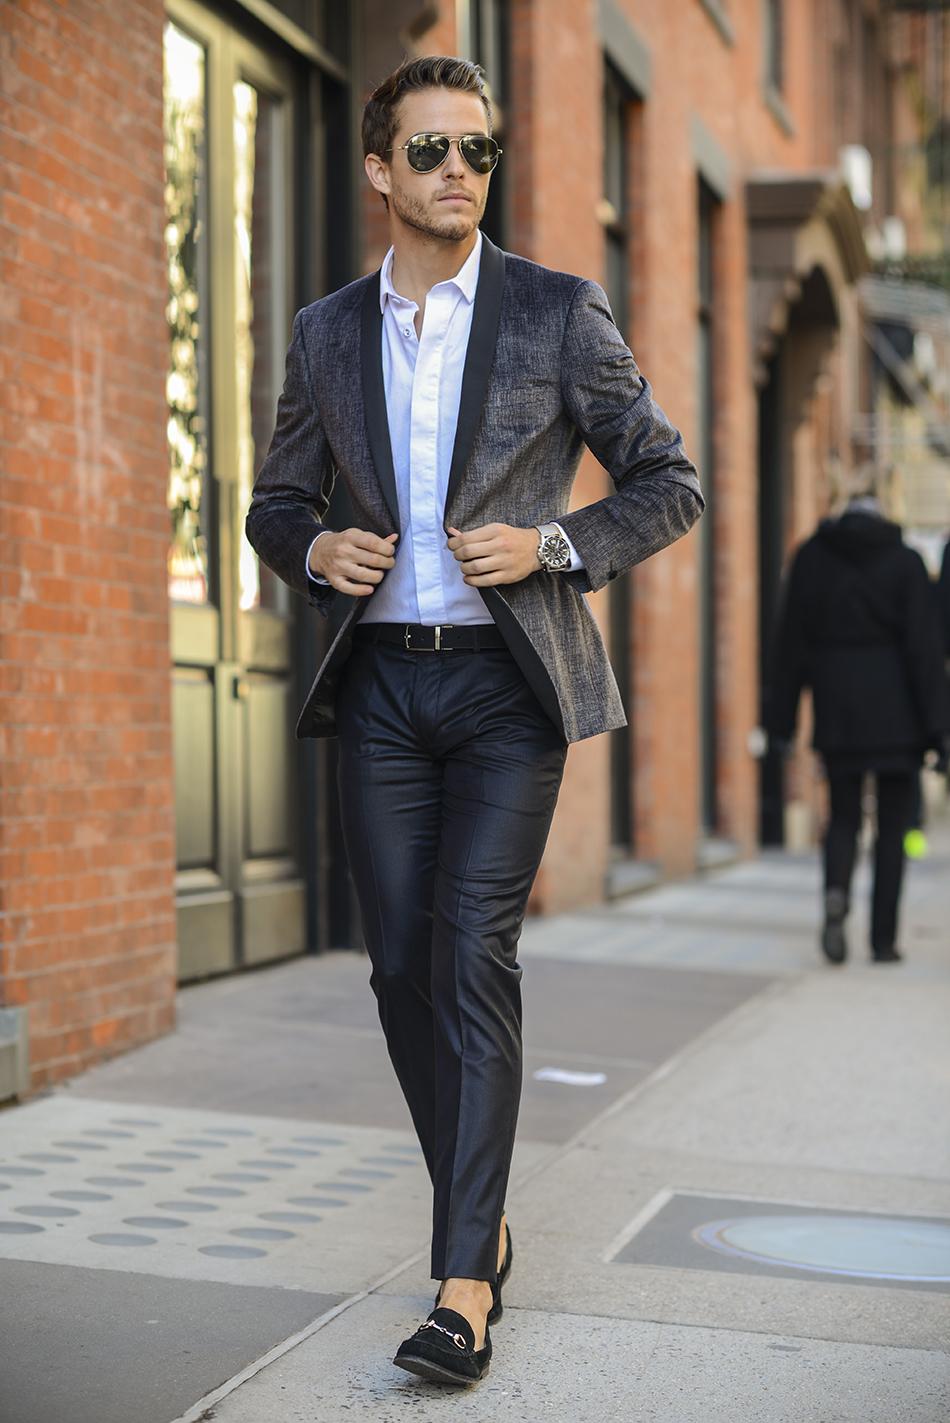 comprar online e5f4b 0fdda Look de moda: Blazer en gris oscuro, Camisa de vestir blanca ...